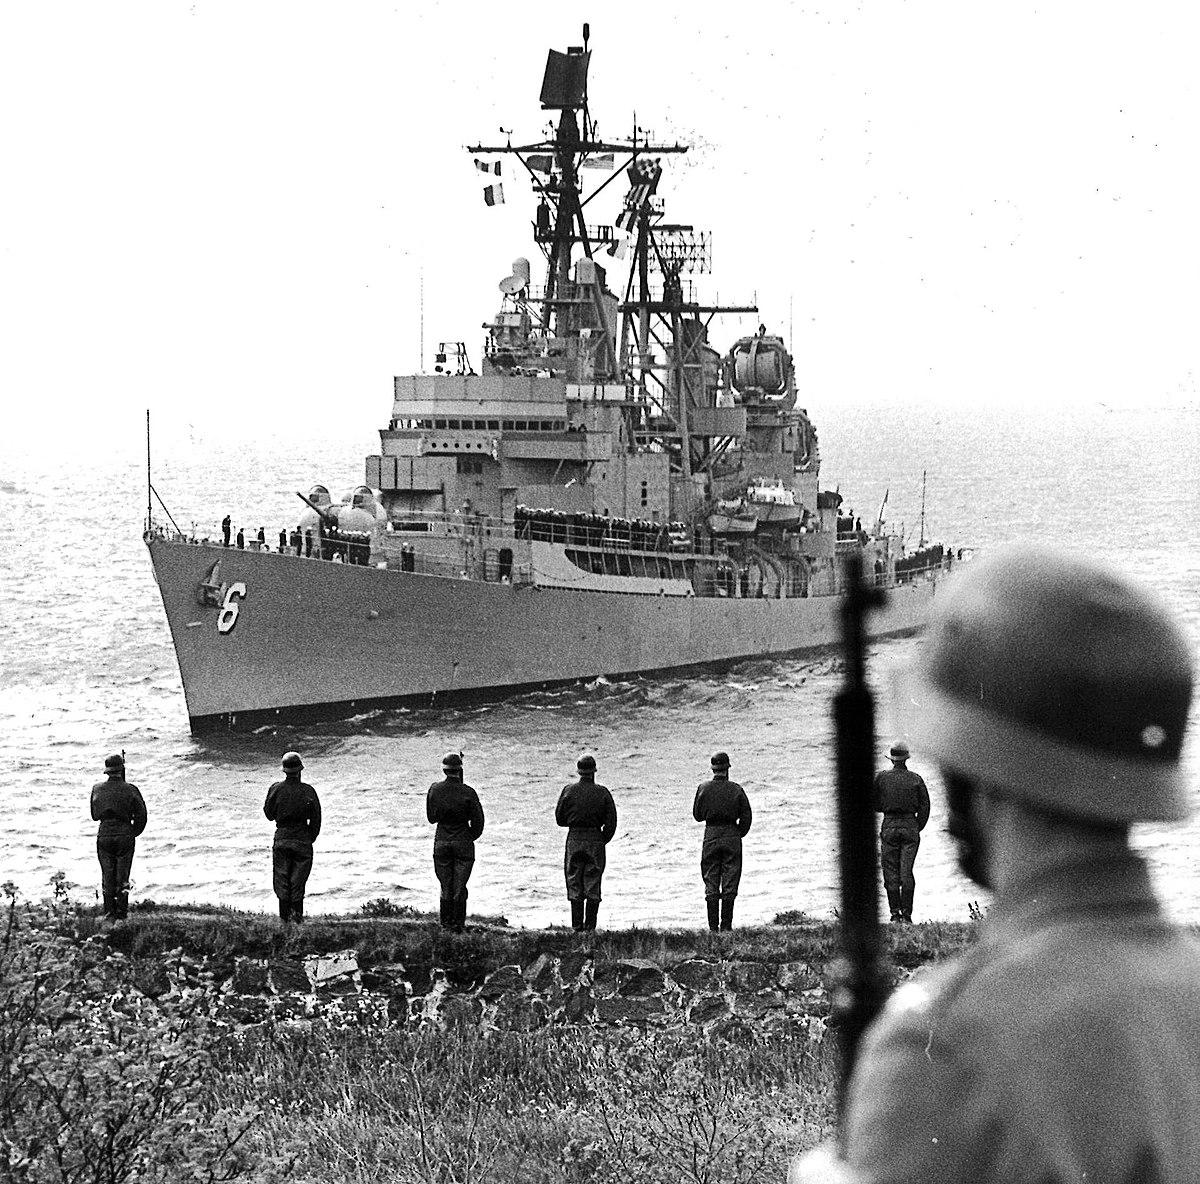 File:USS Farragut (DDG-37) at Toulon 1979.JPEG - Wikimedia